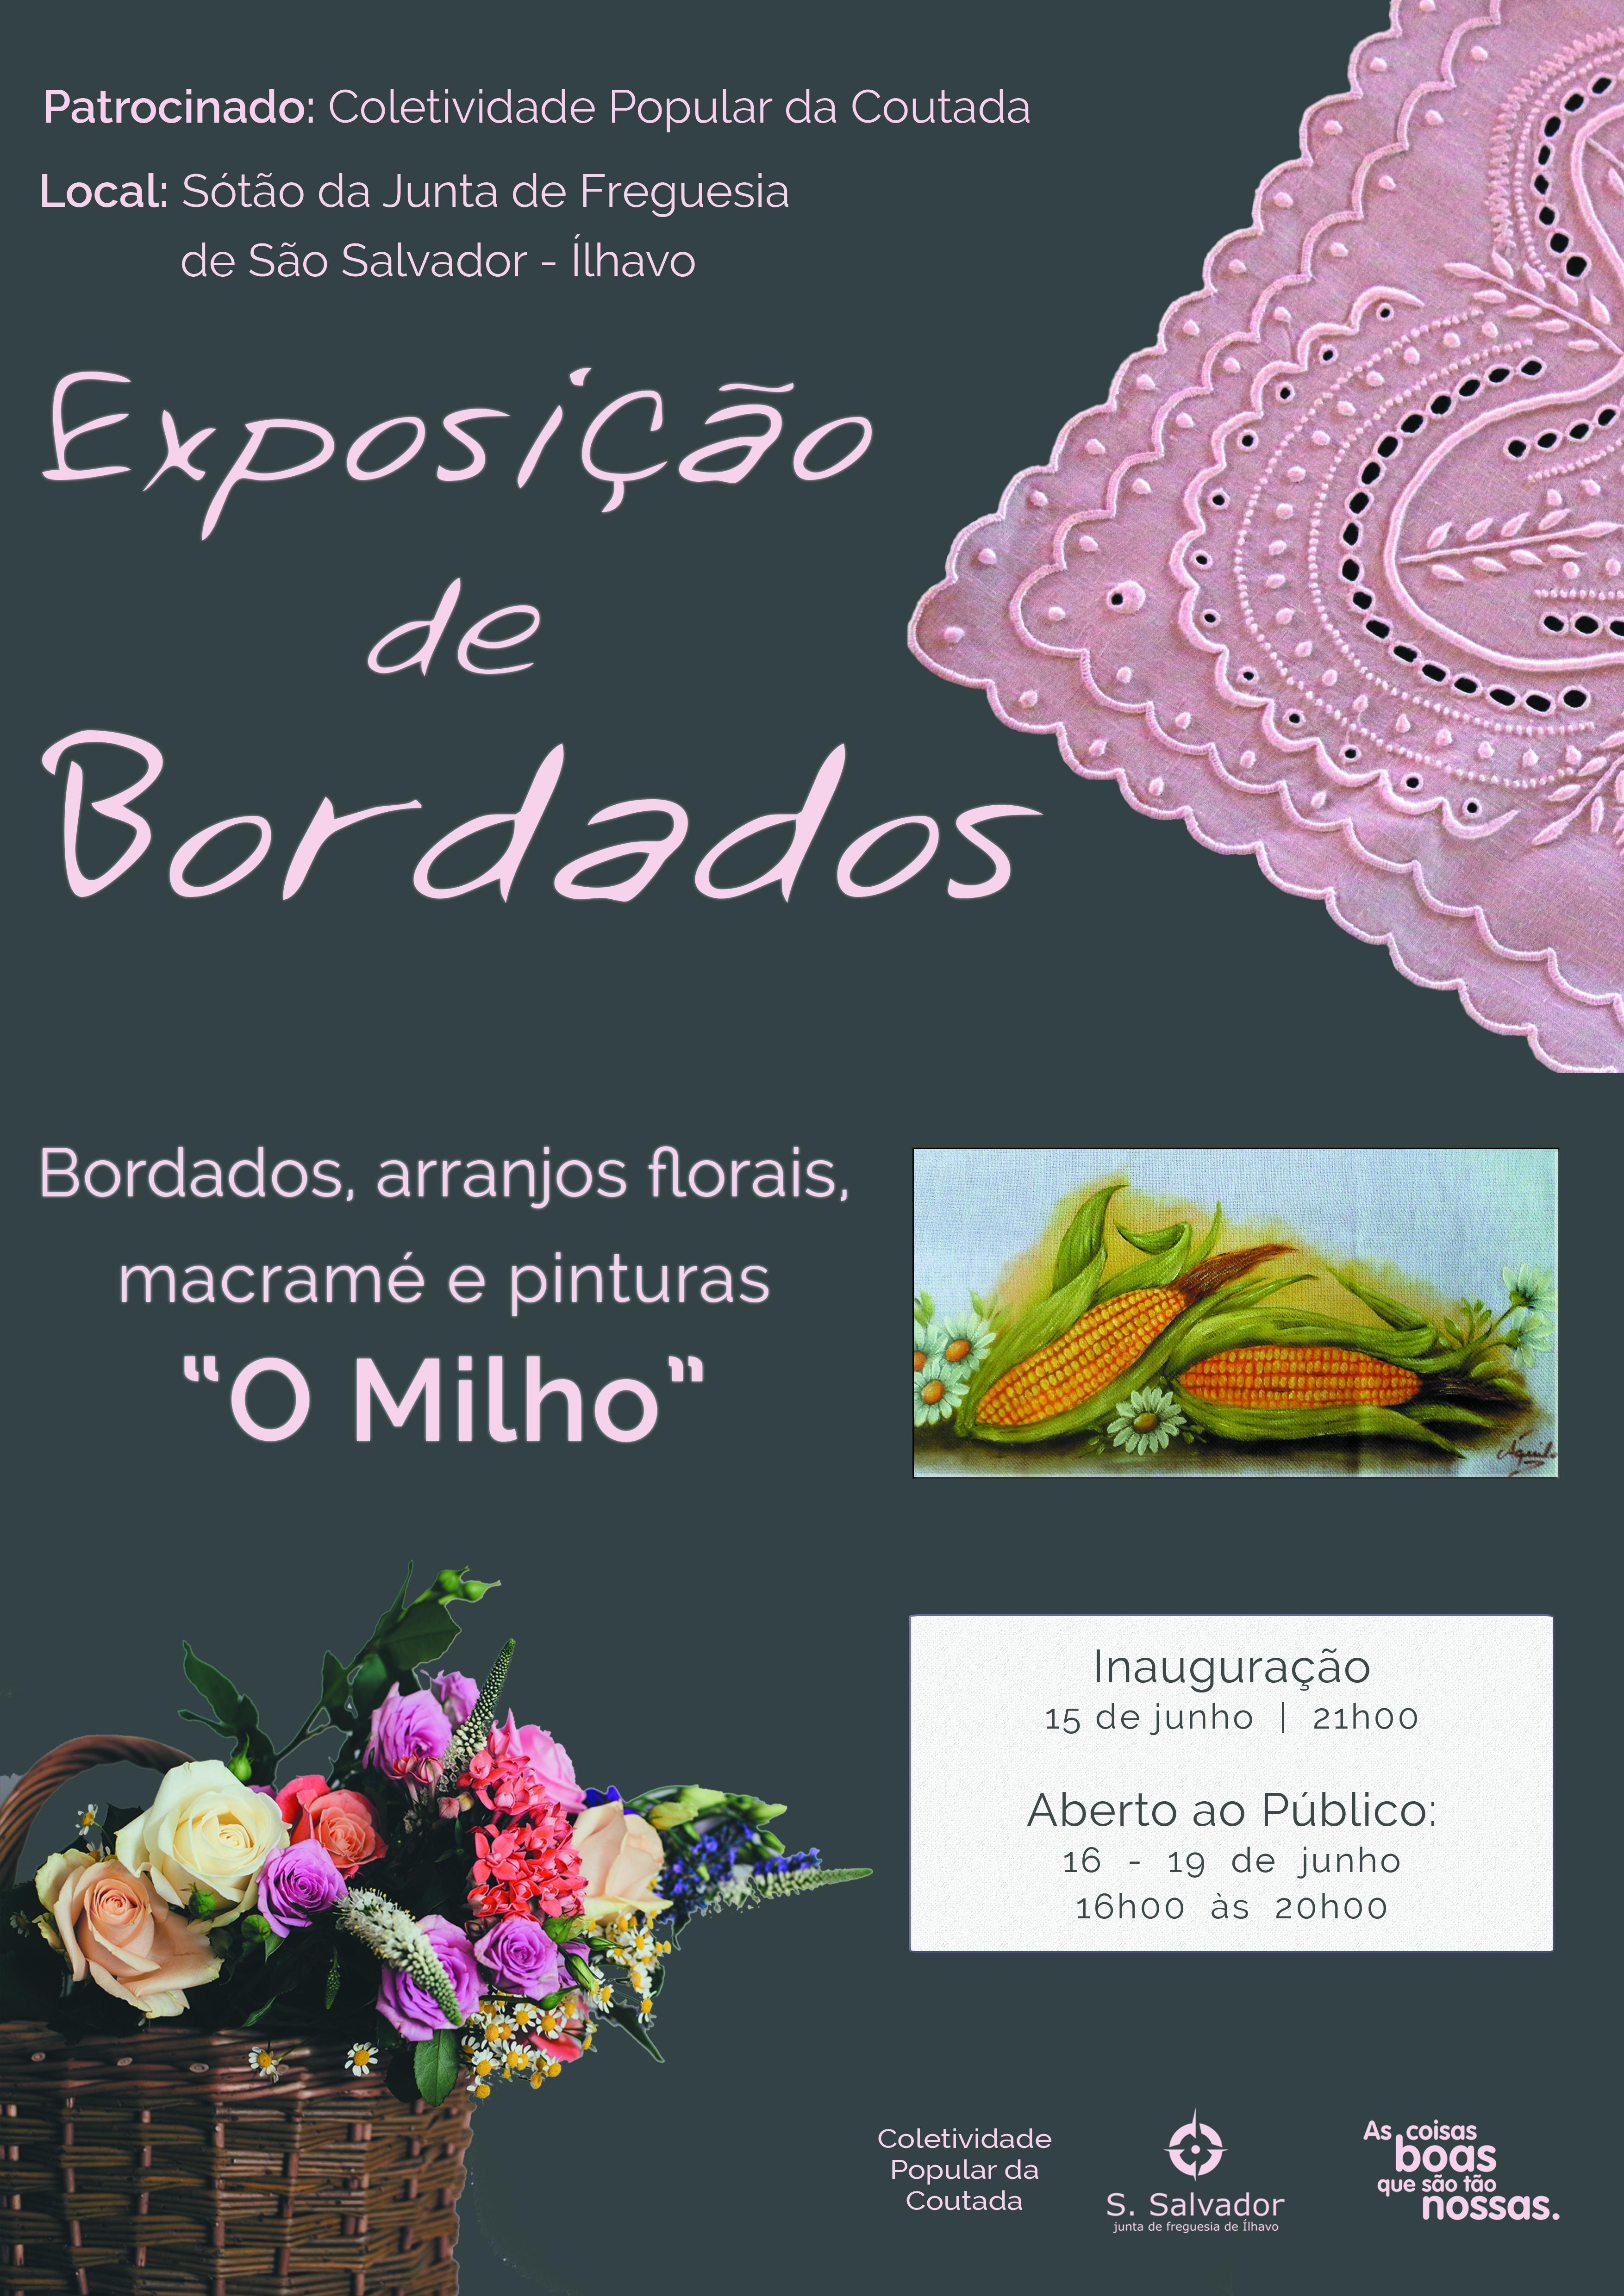 """Exposição de Bordados """"O Milho"""", da Coletividade Popular da Coutada no sótão do edifício da Junta de Freguesia"""